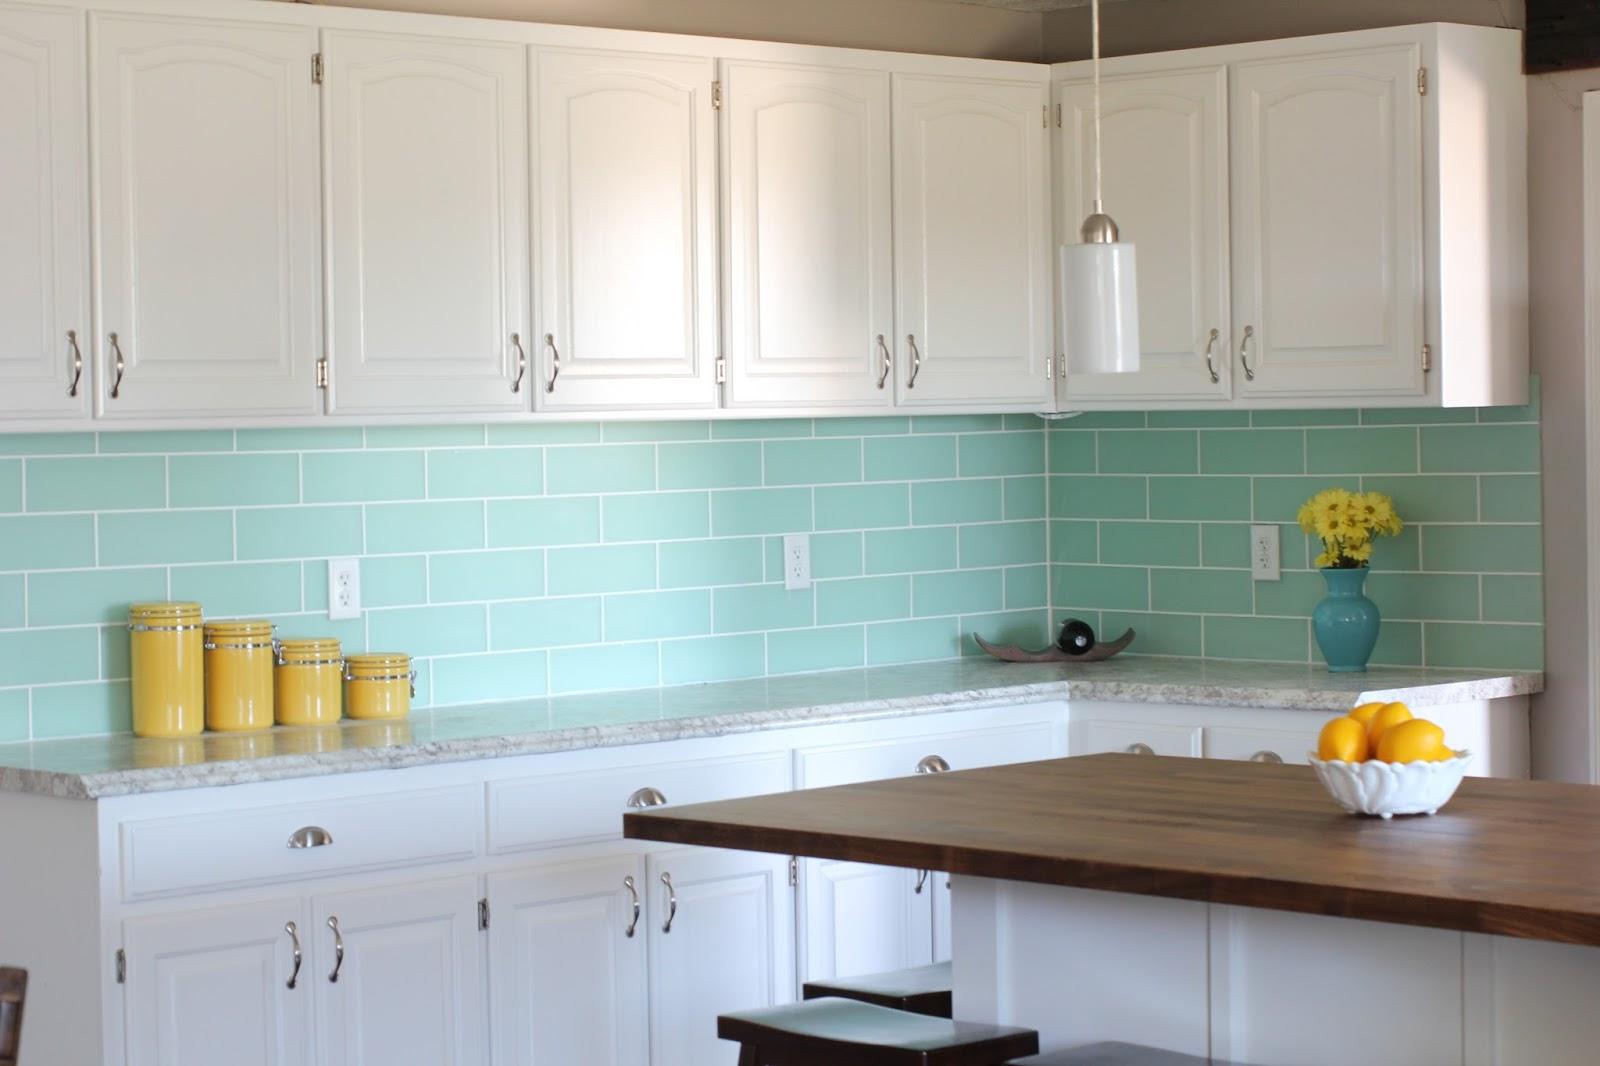 Cambiar puertas muebles cocina cool multiplica con - Cambiar puertas de cocina ...